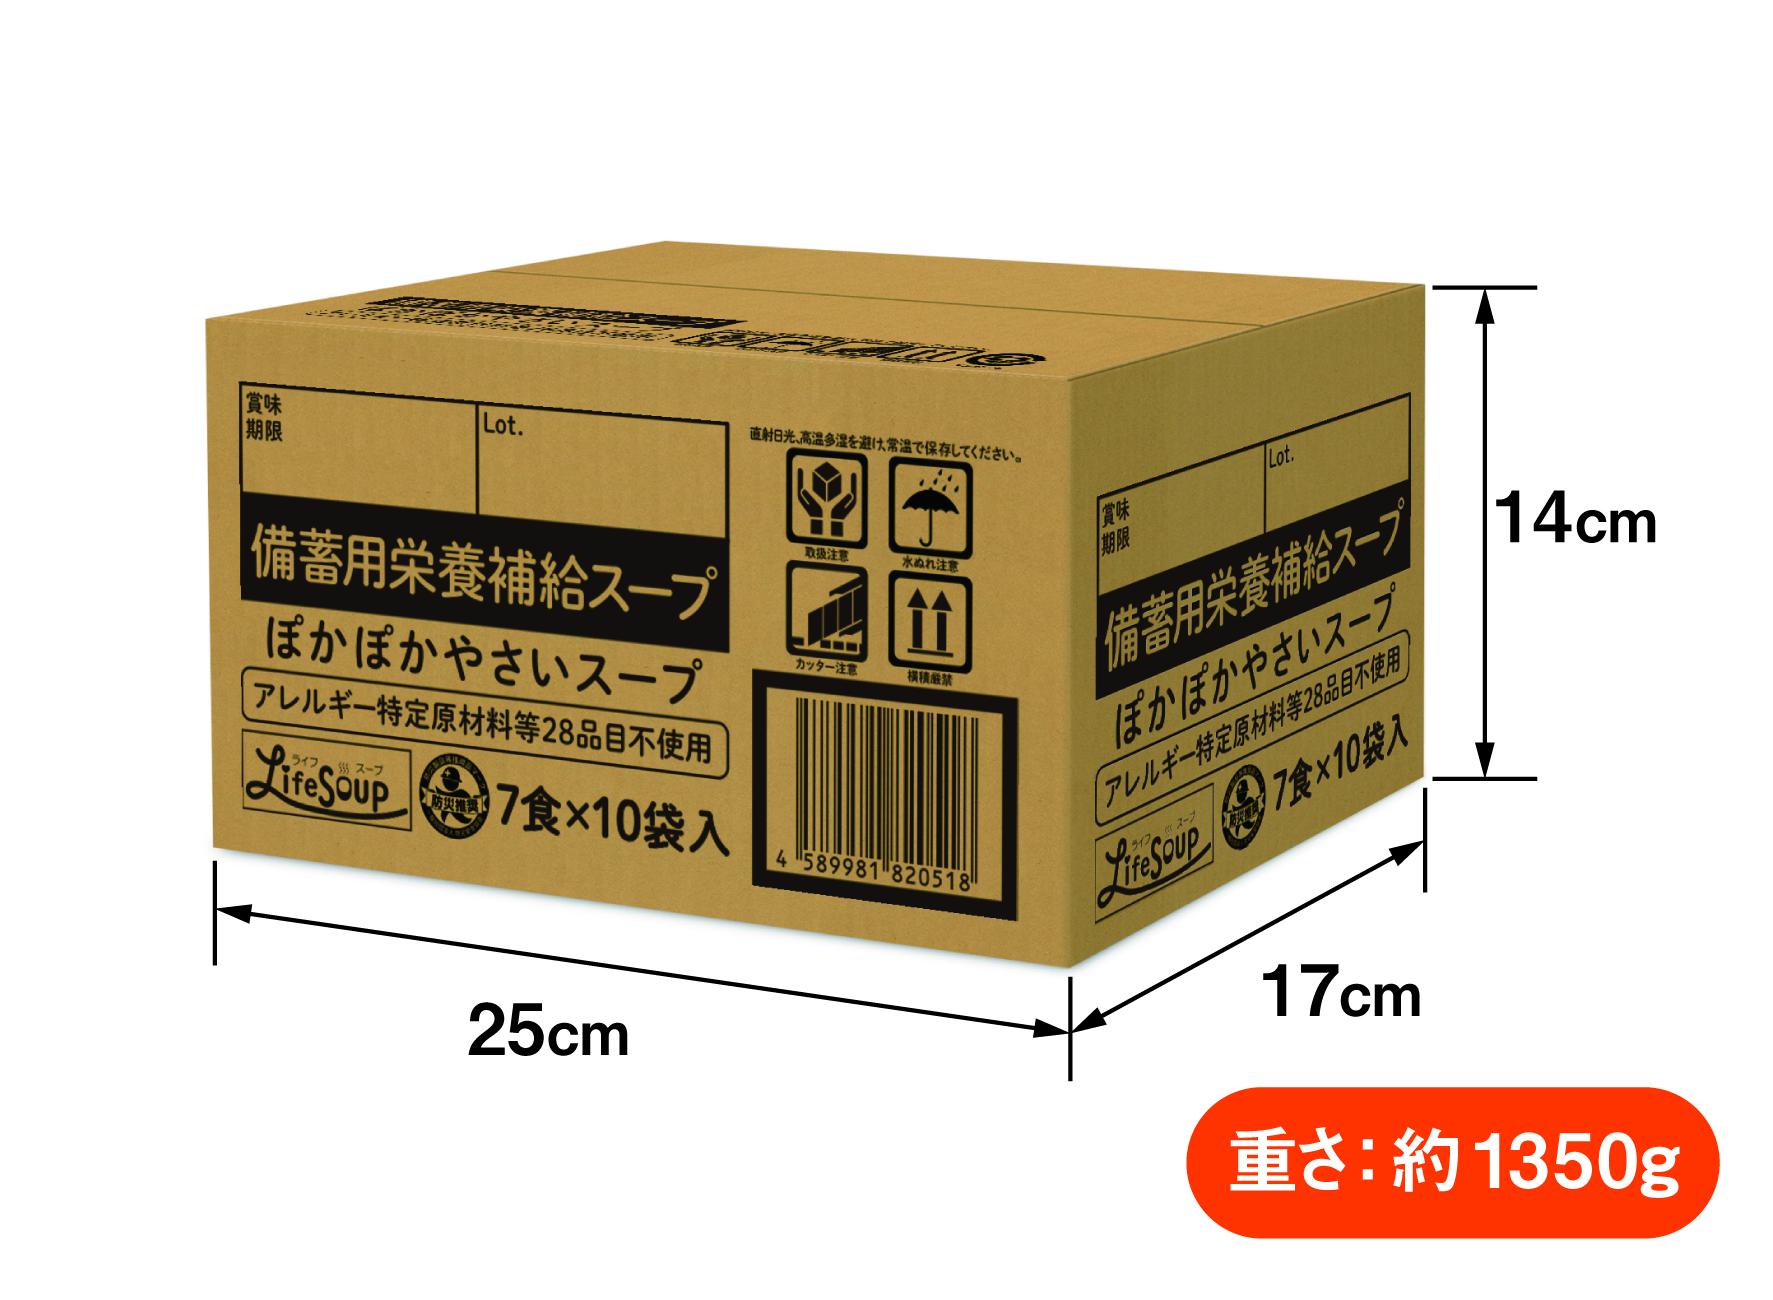 7食×10袋入り19.5cm×18.5cm×18.5cm重さ約1350g